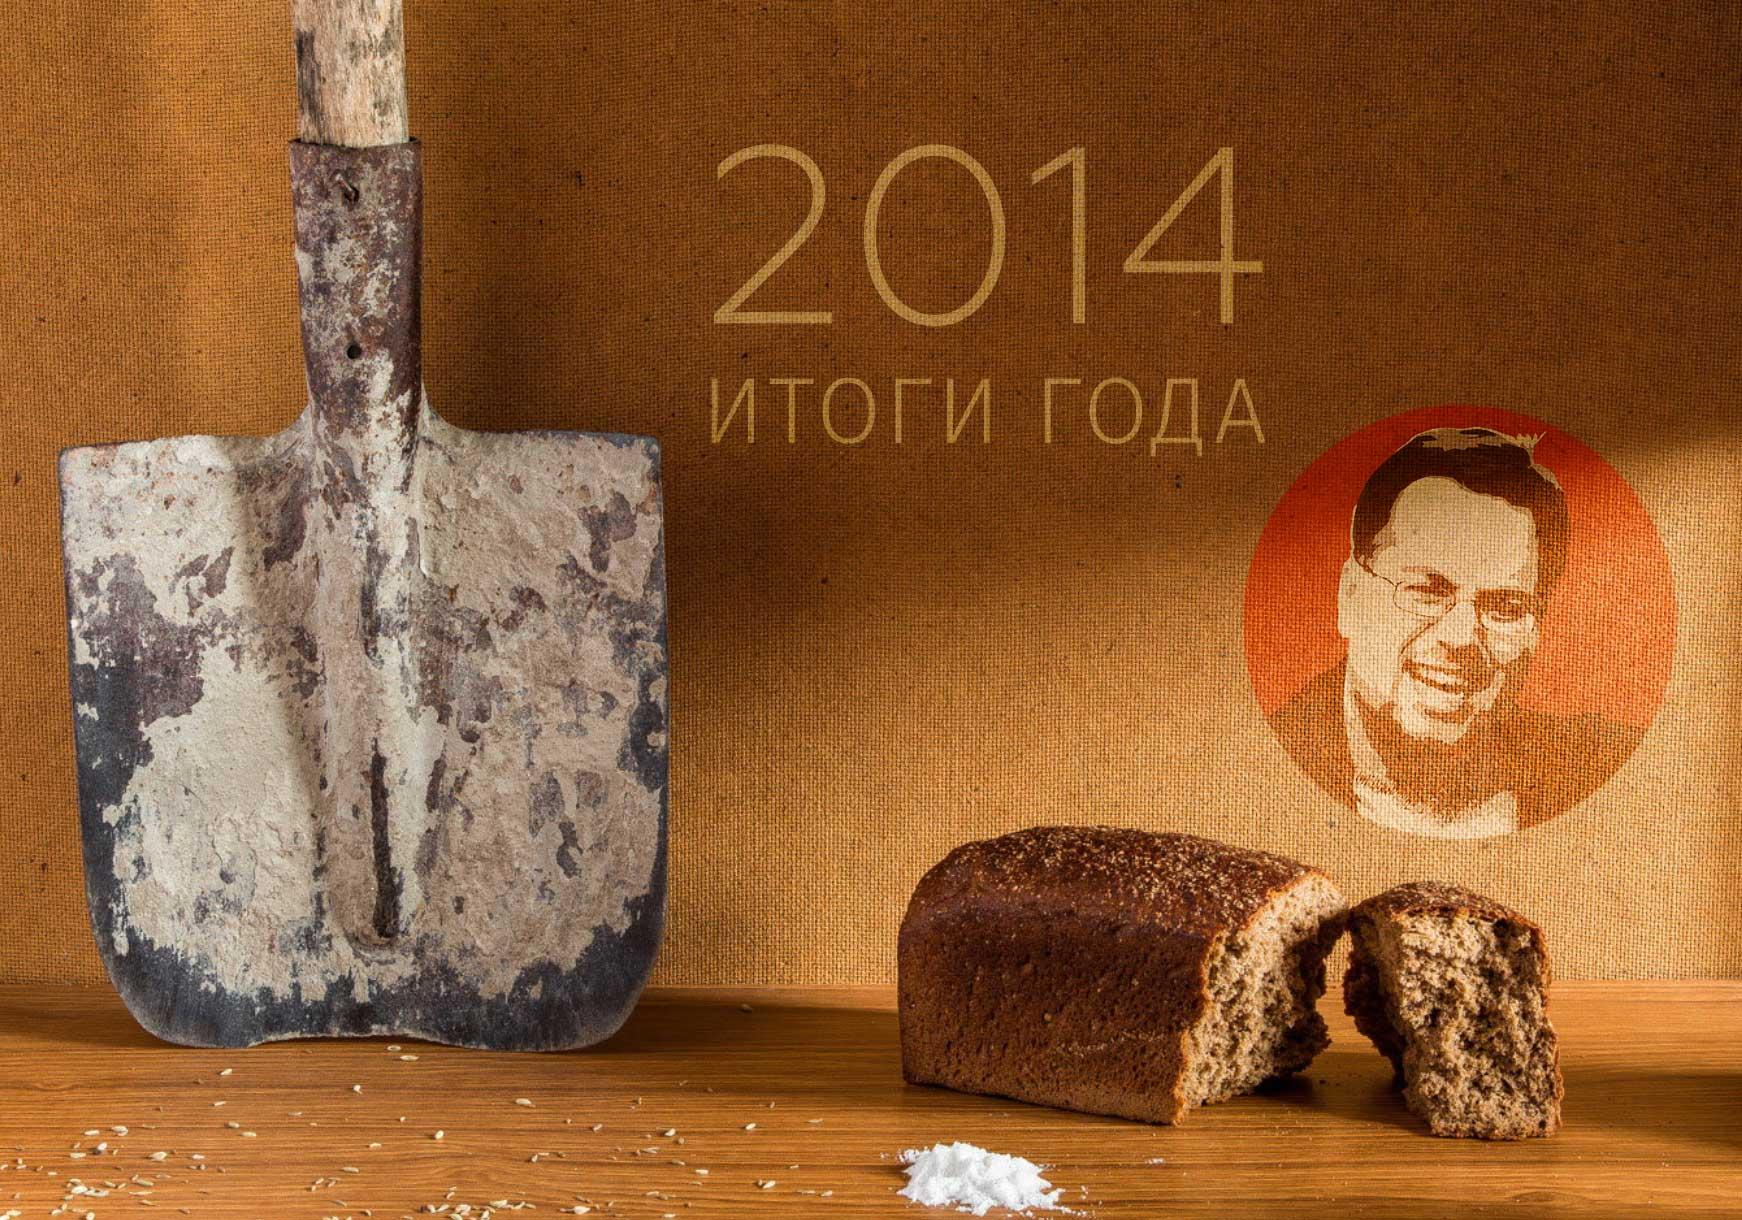 Итоги 2014